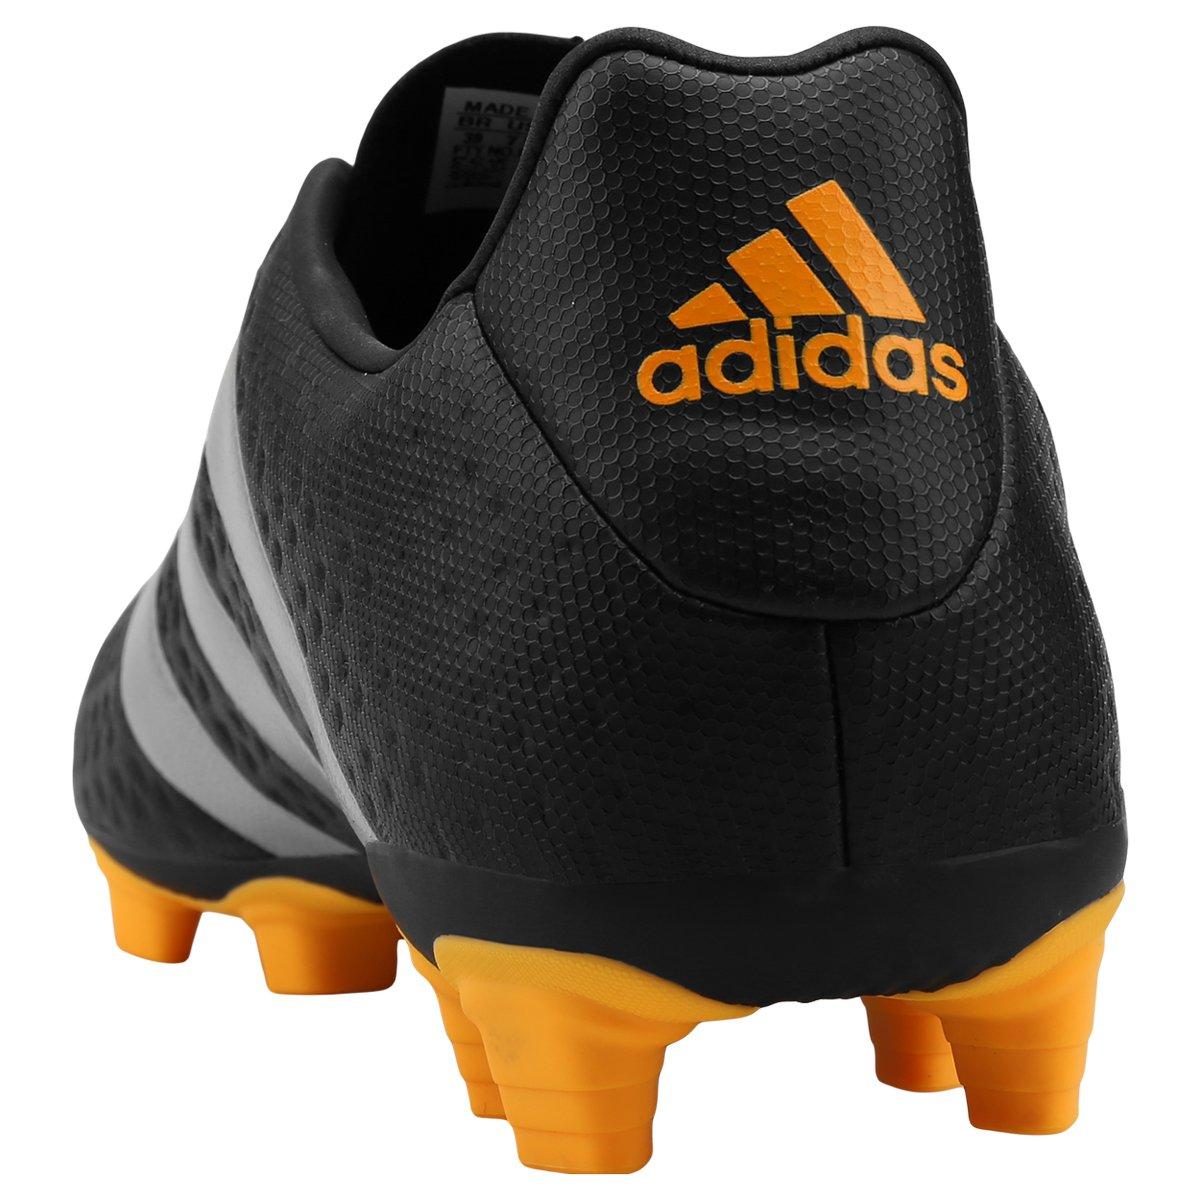 7432b59c70 Chuteira Adidas Ace 16.4 FXG Campo - Preto e Amarelo - Compre Agora ...